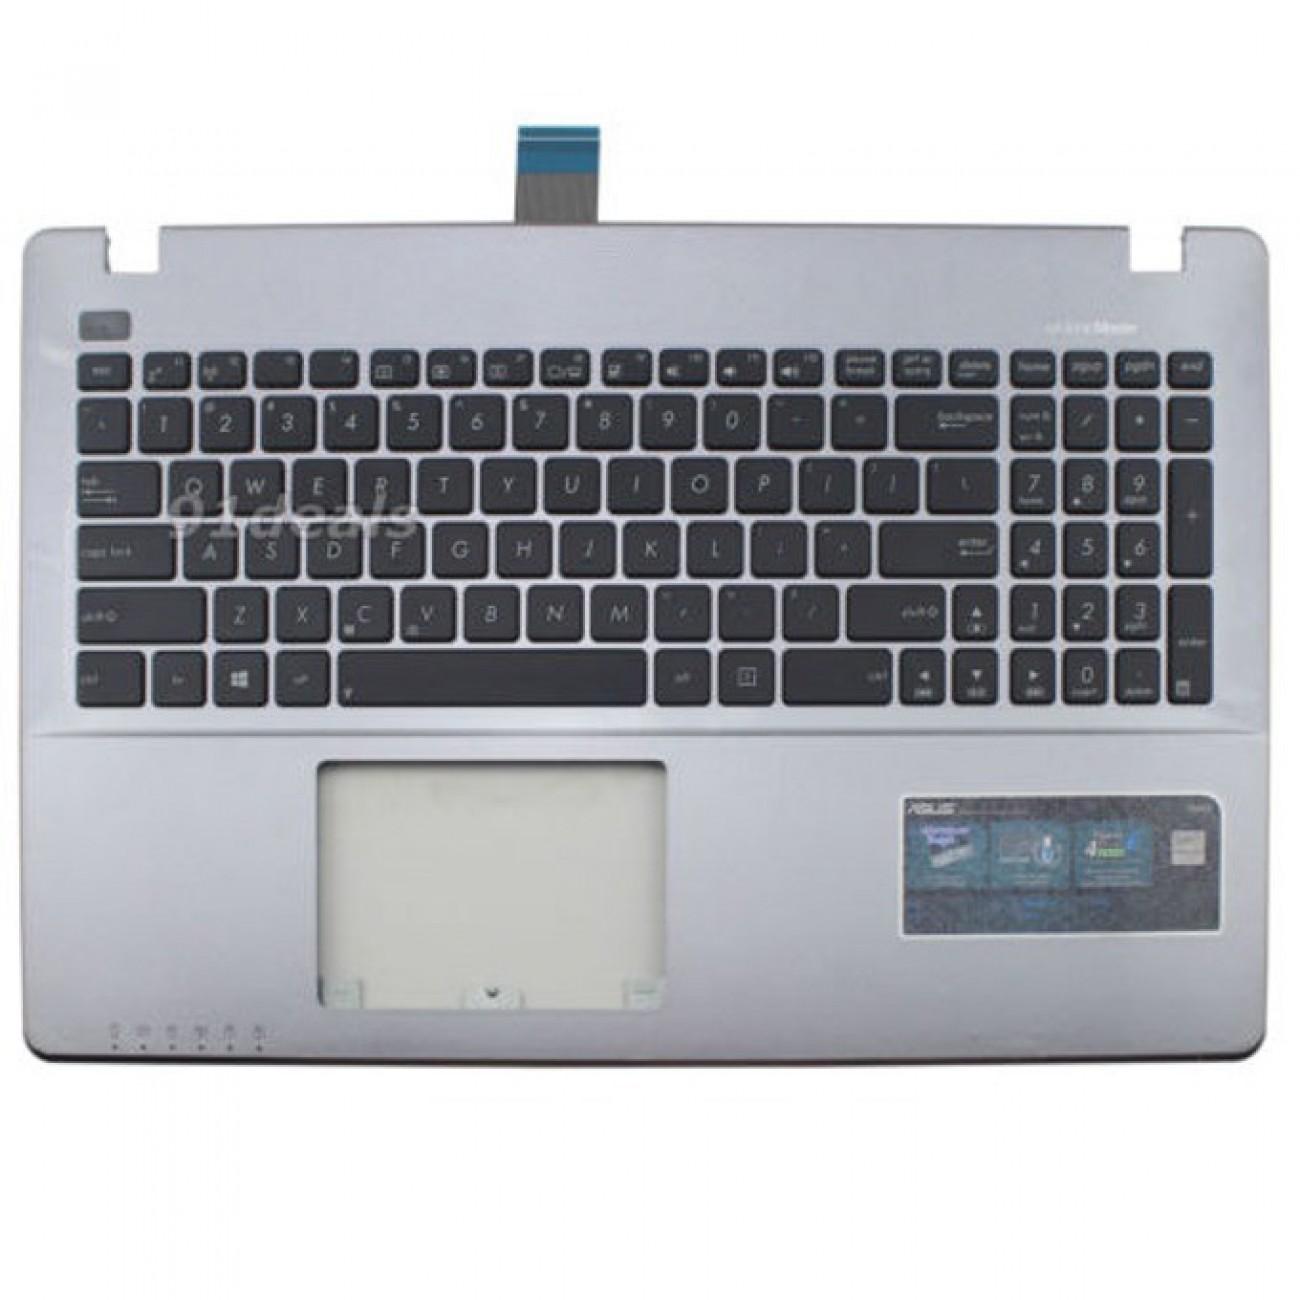 Клавиатура за ASUS X550 X550C X550VA X550LB, US, palmrest, бяла в Резервни части -  | Alleop